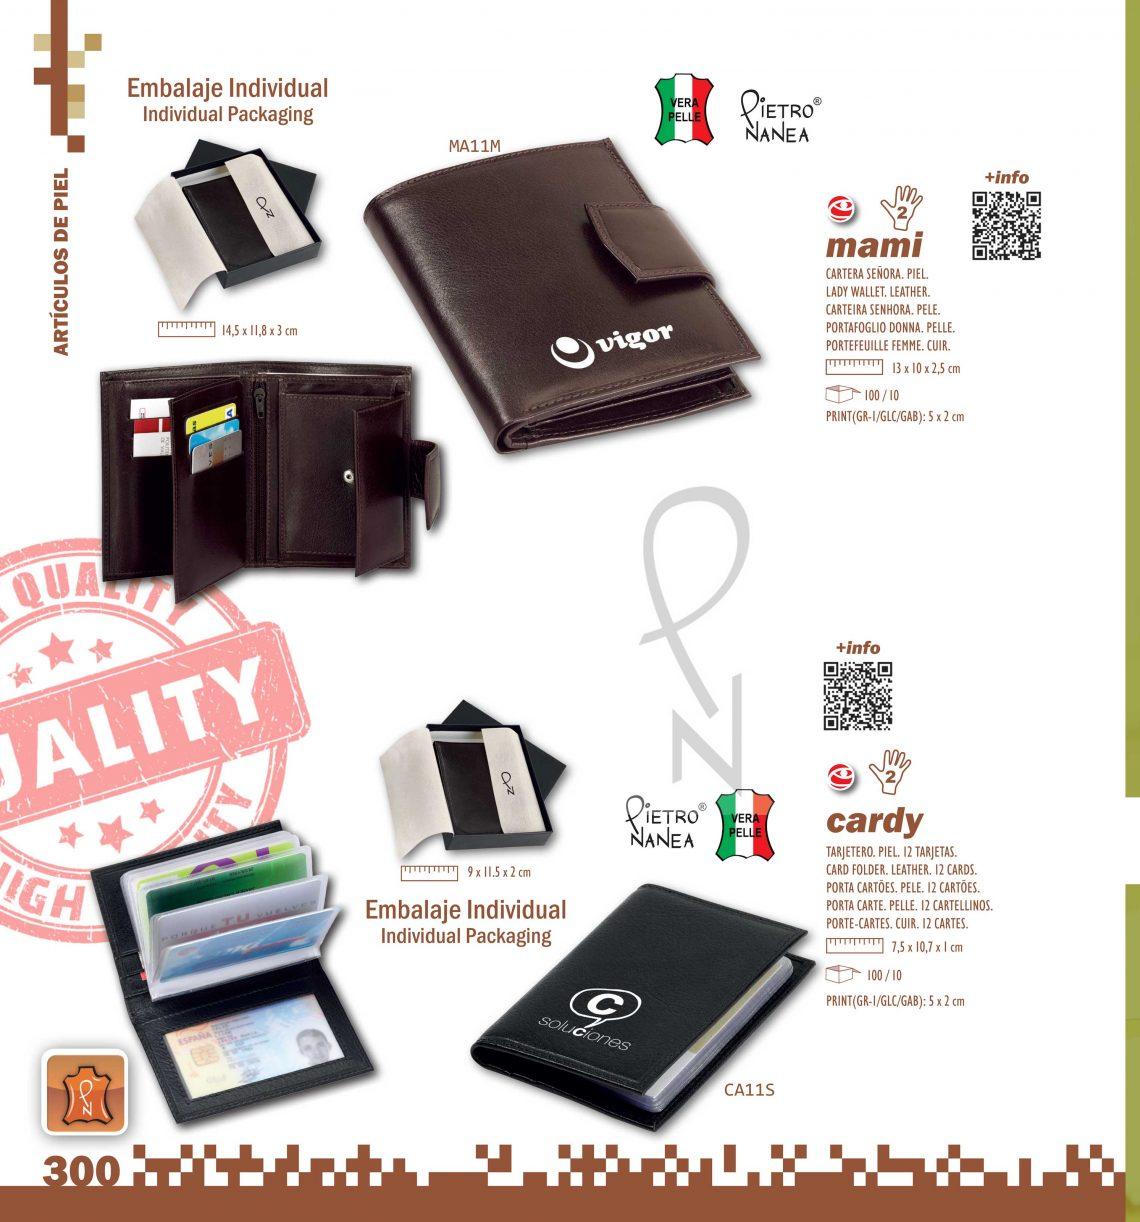 catalogo-enyes-sin-precios-allta_Página_305